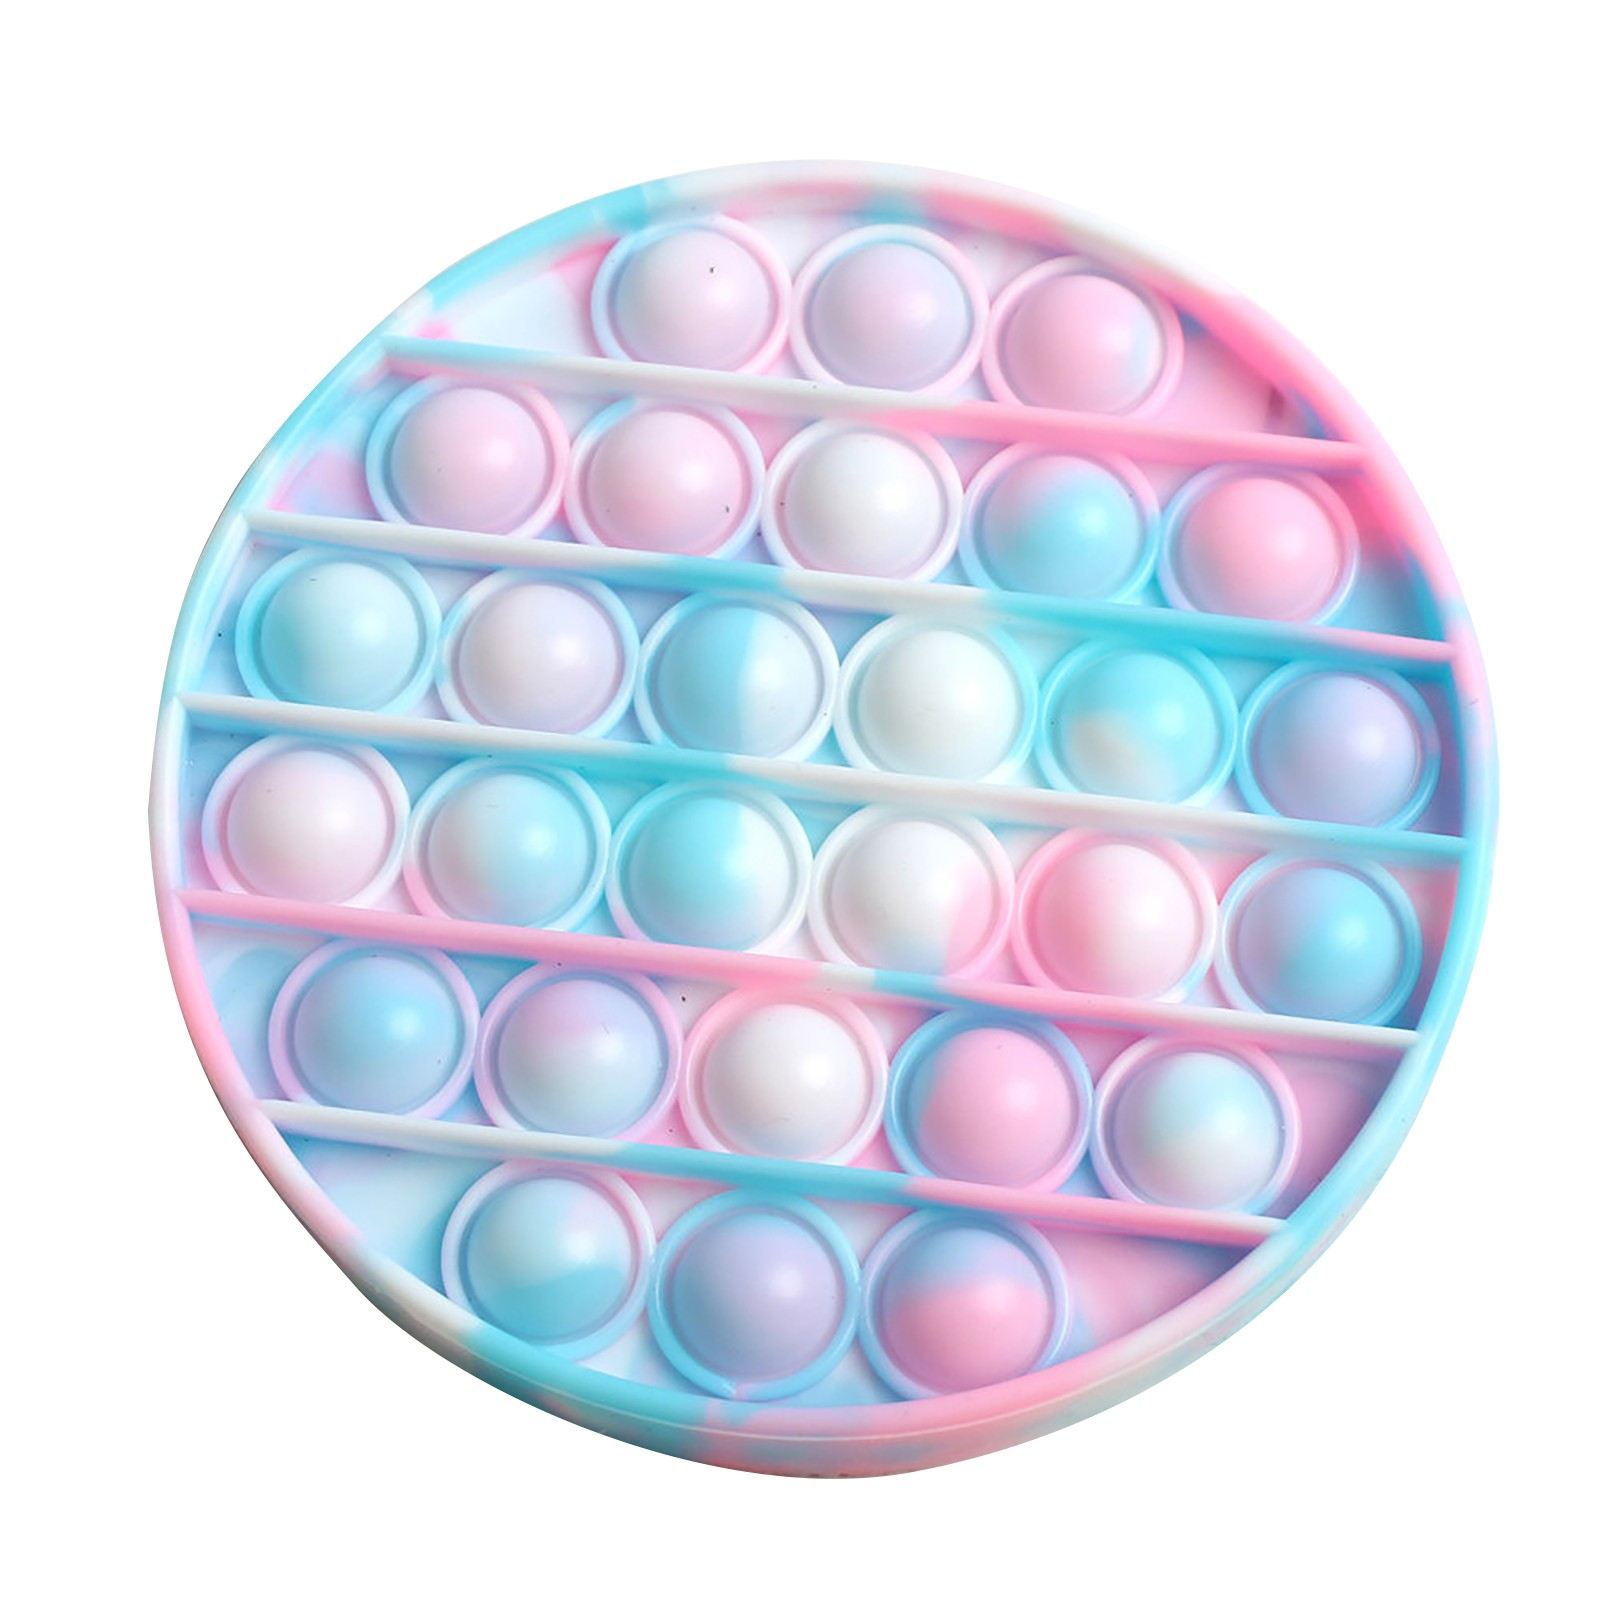 Funny Popit Fidget Toy Antistress Toys For Adult Children Push Bubble Fidget Sensory Squishy Jouet Pour Autiste ??????????* img5